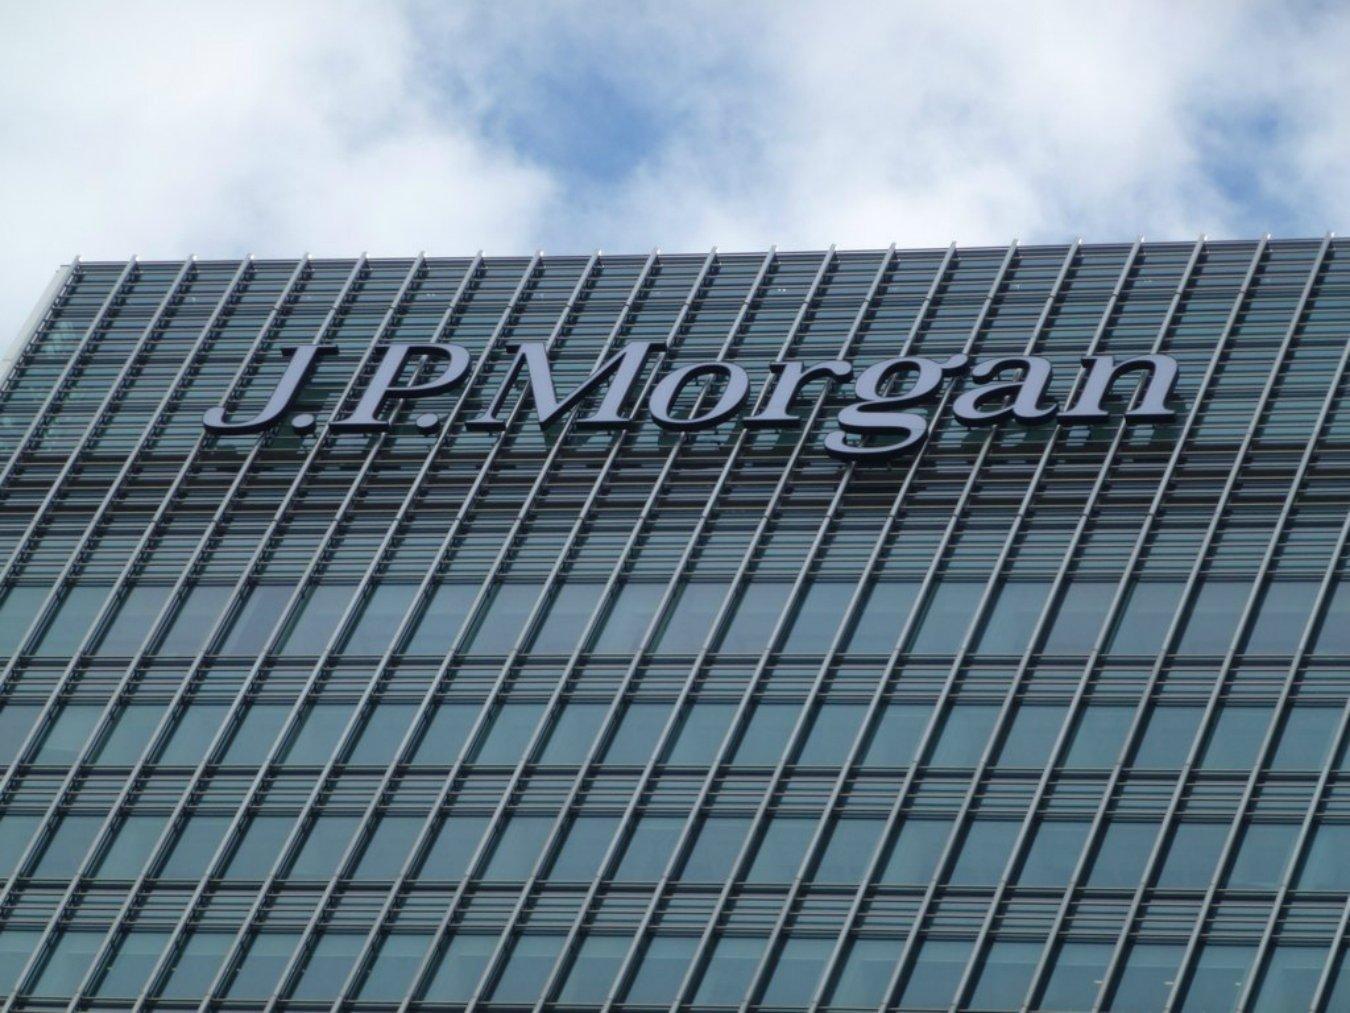 JP Morgan Gideon Benarl